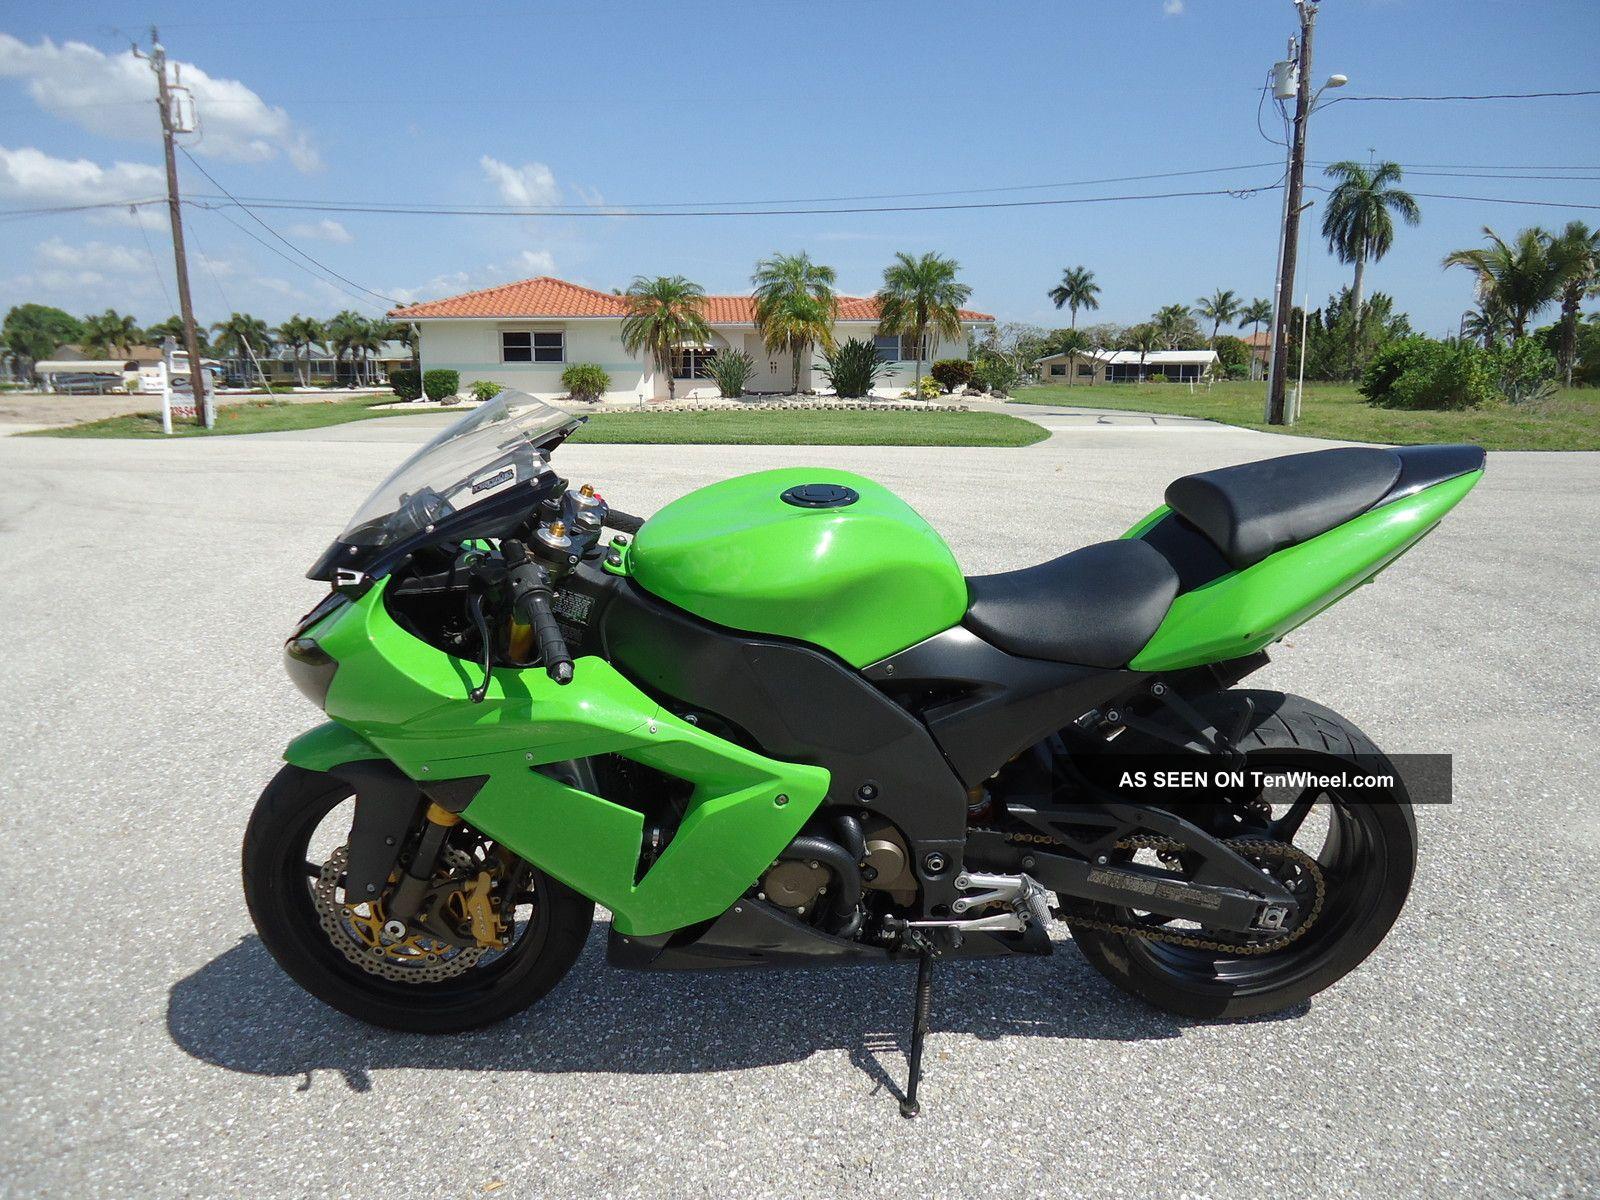 2004 Kawasaki Zx10 Zx 10 Ninja